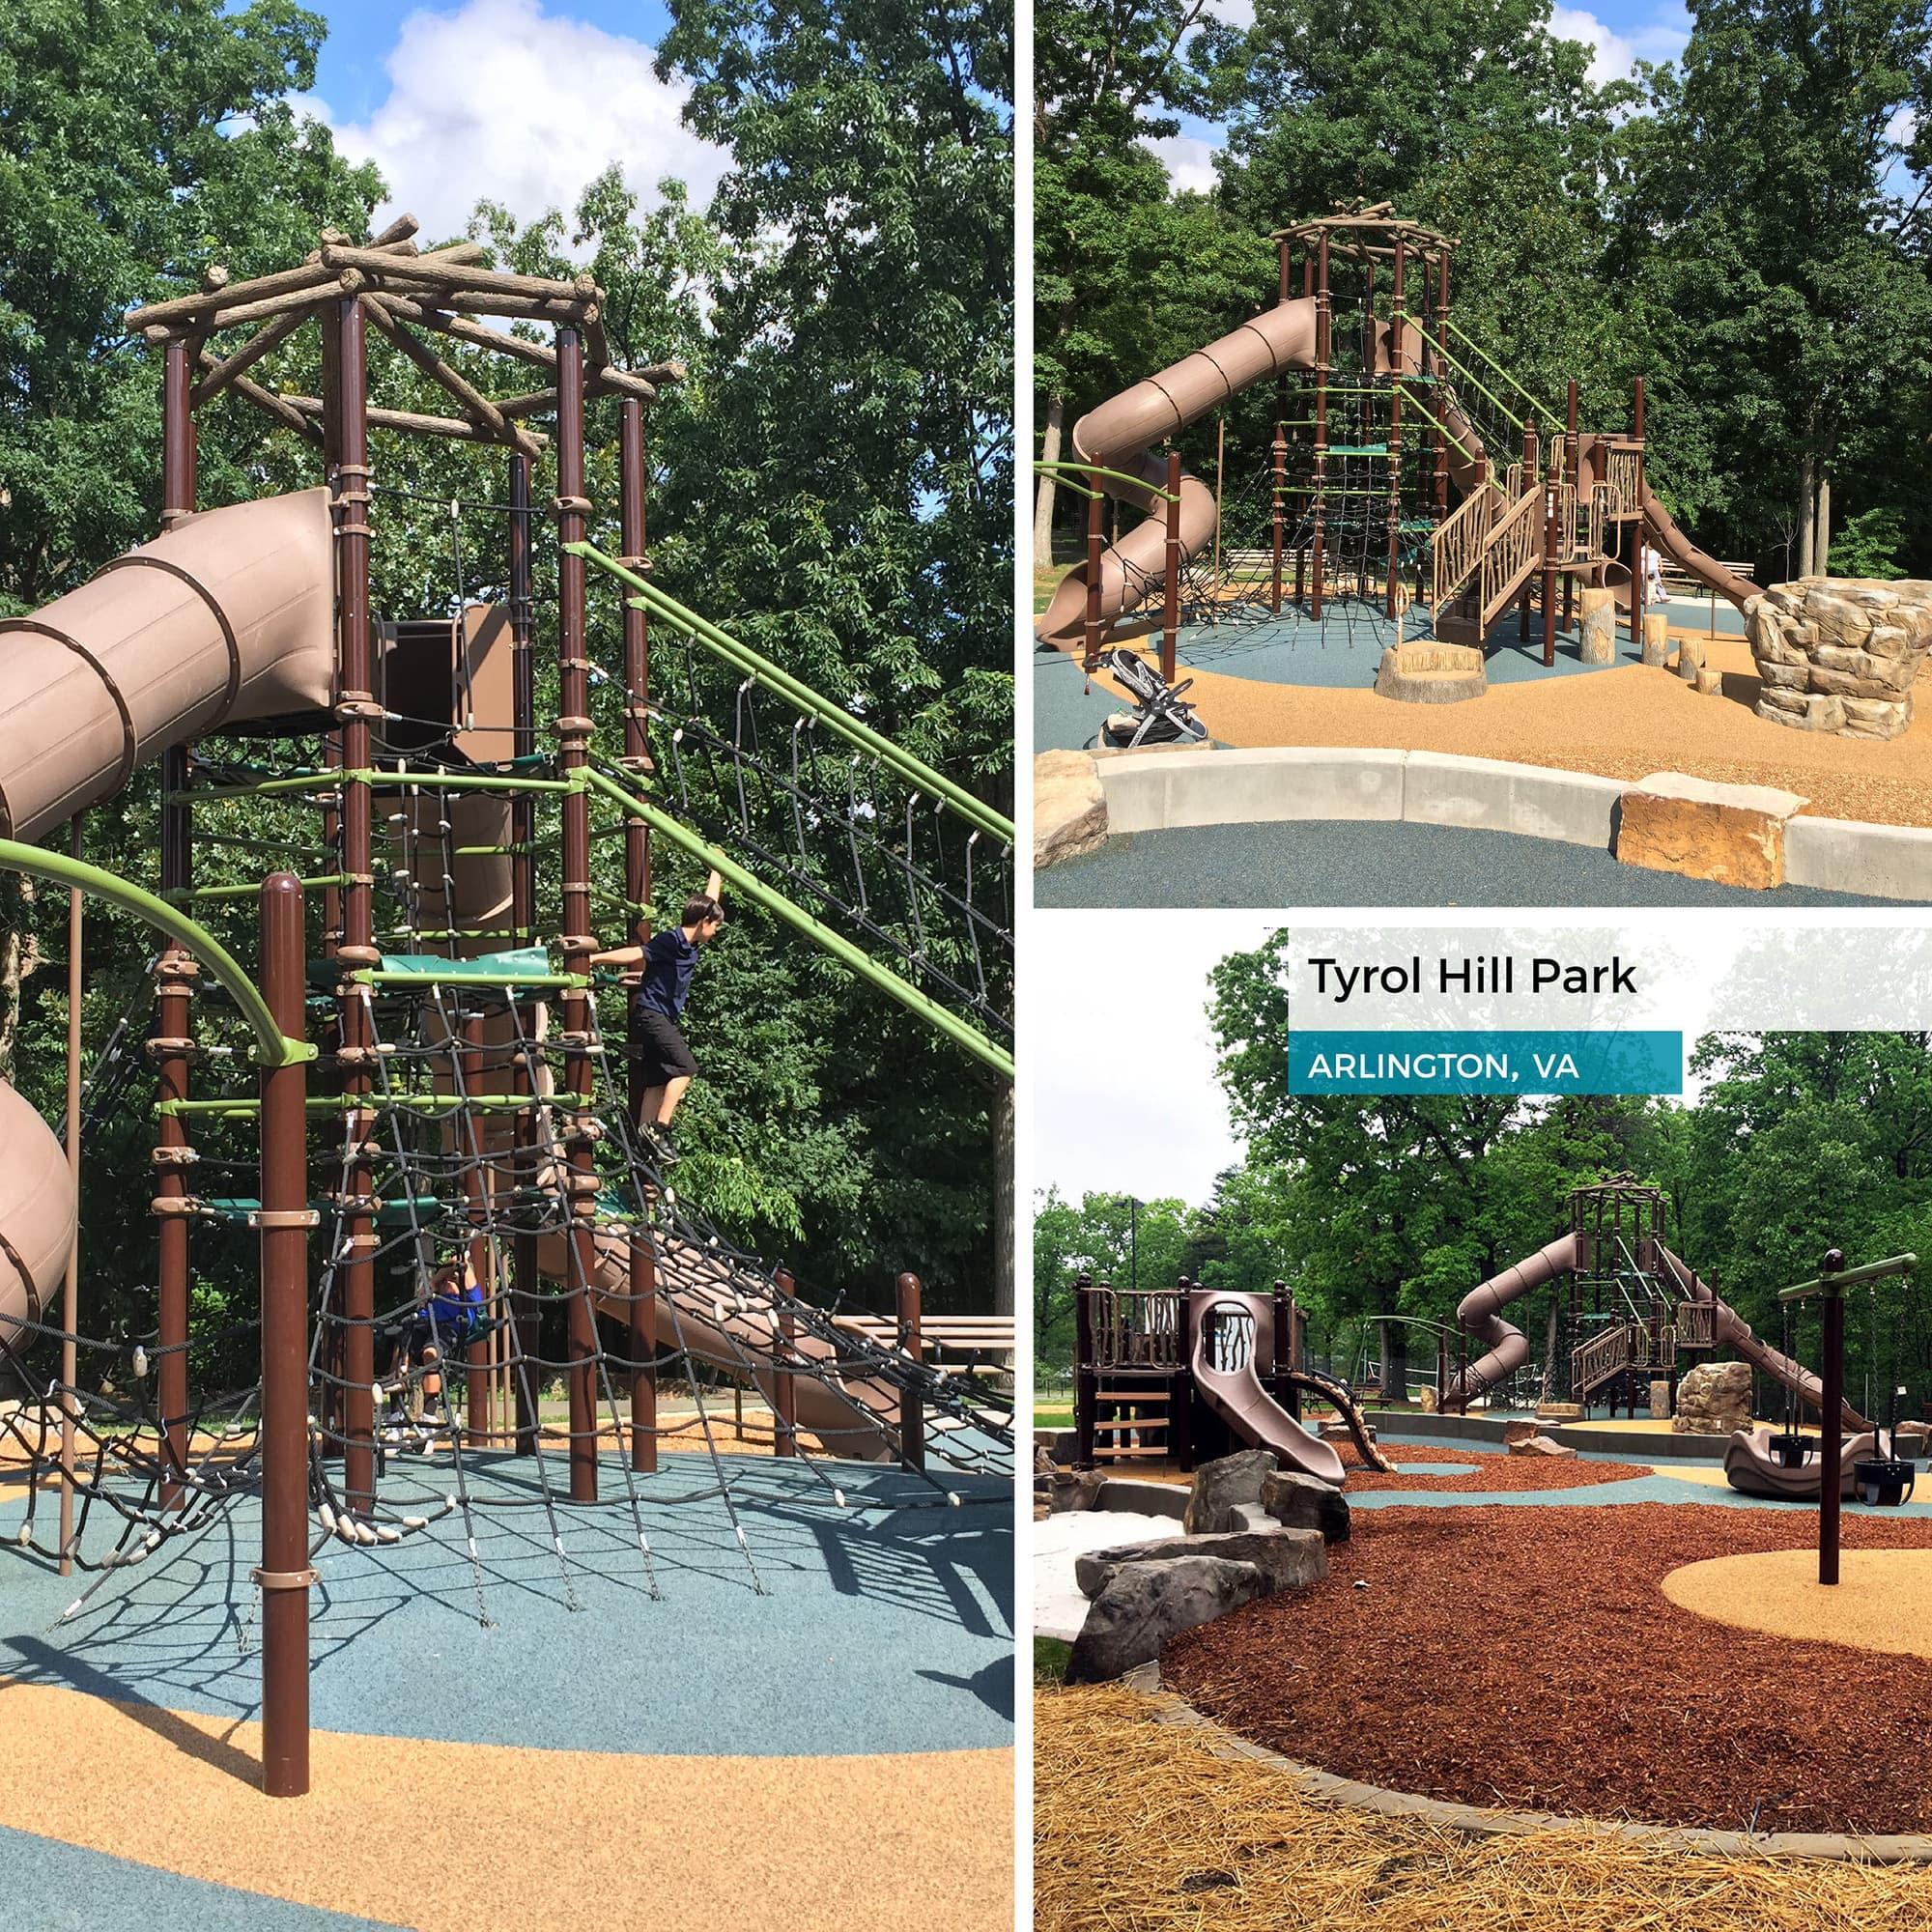 Tyrol Hill Park in Arlington, VA